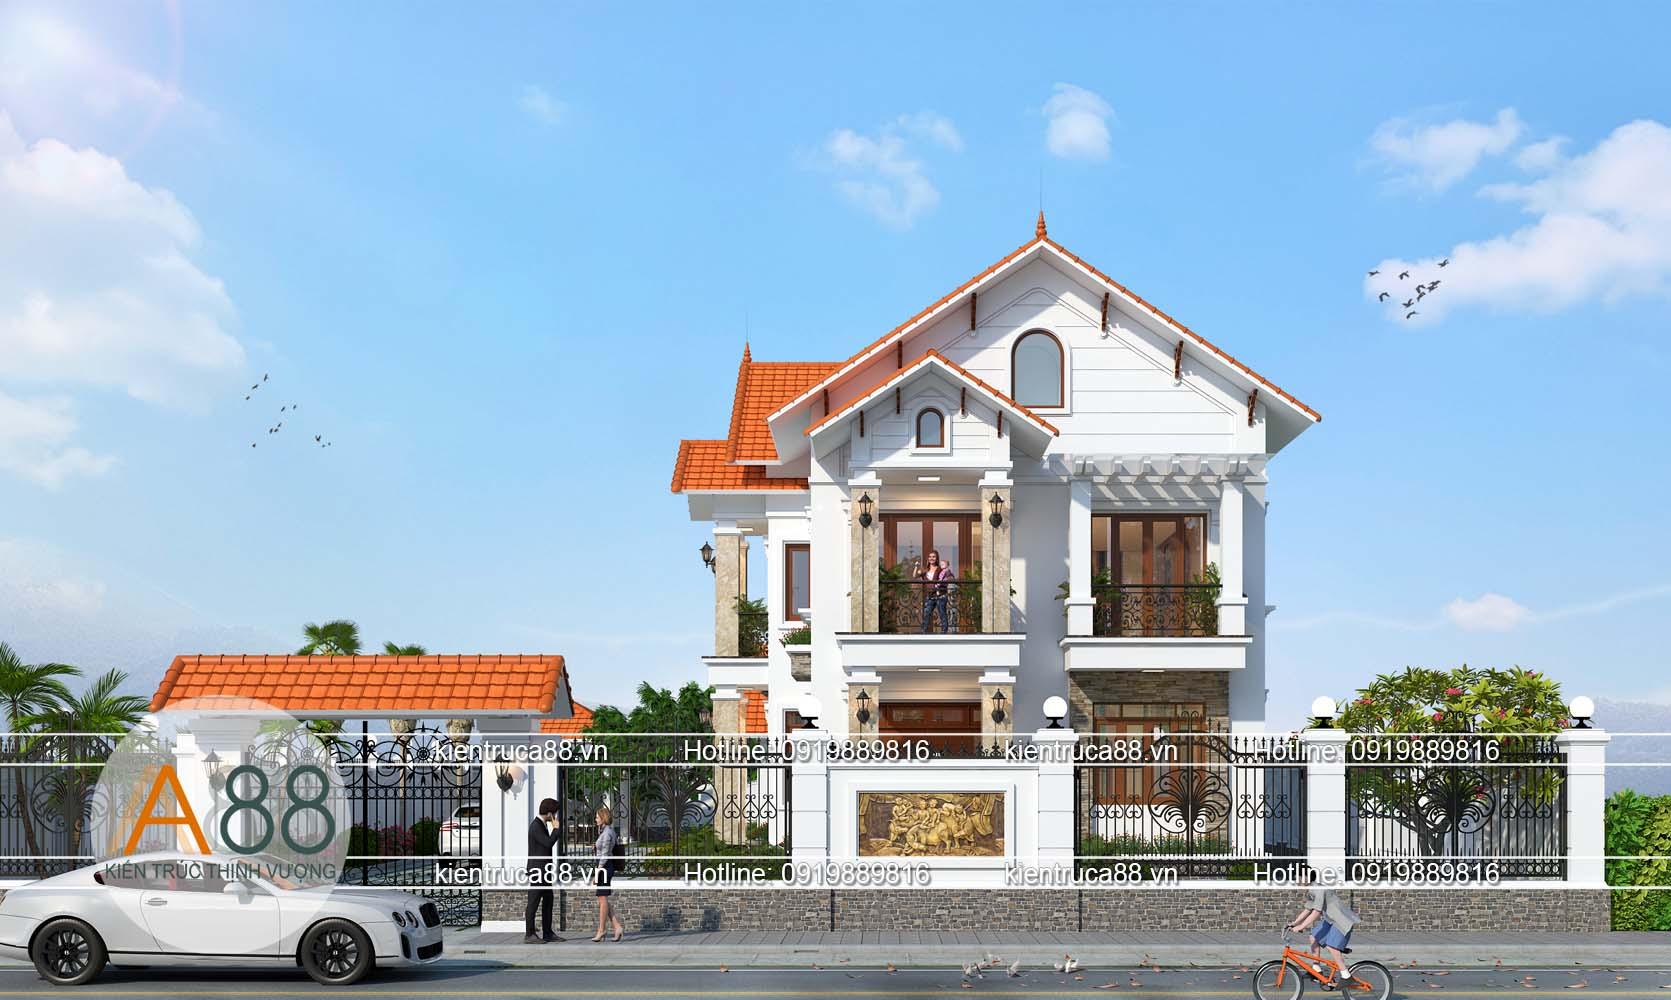 Phối cảnh biệt thự 2 tầng hiện đại tại Bắc Giang